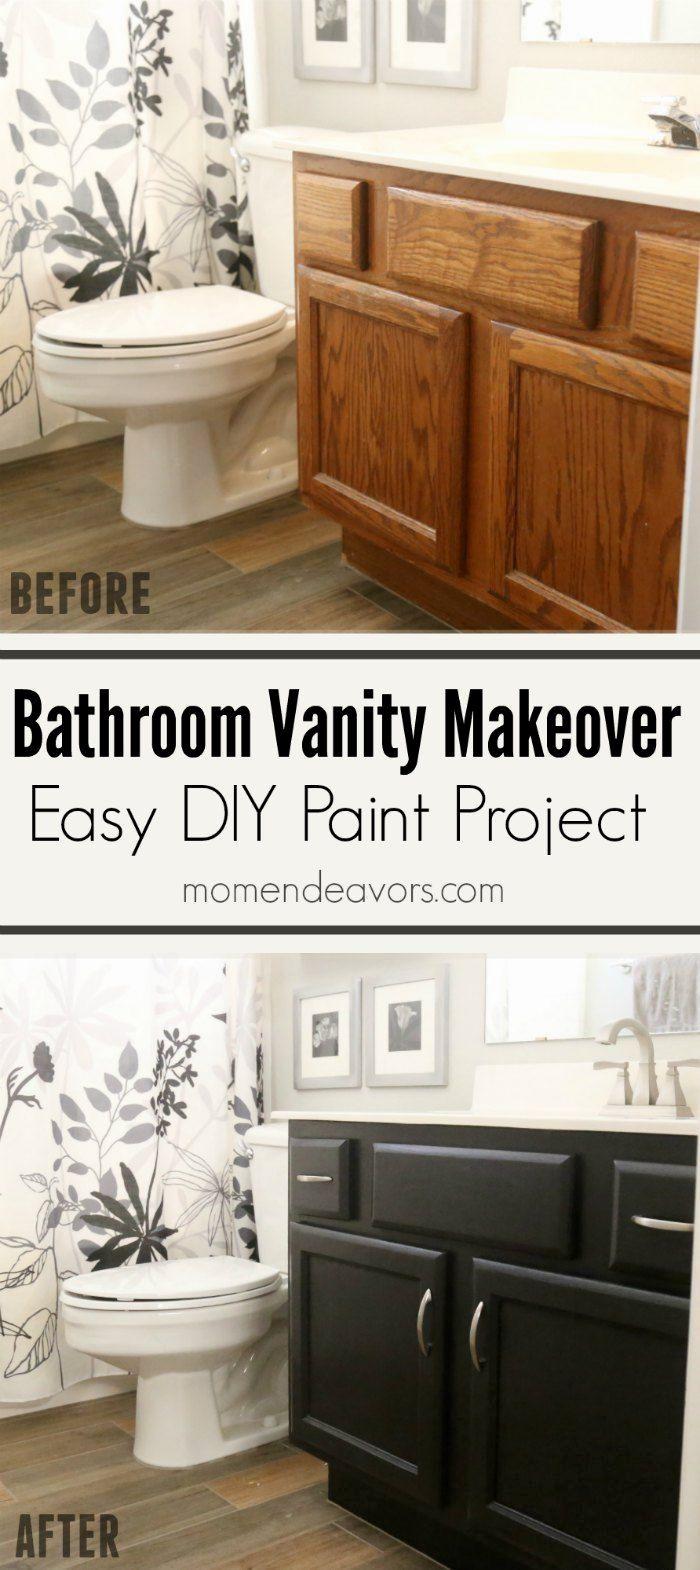 New Diy Bathroom Cabinets Bathroom Vanity Makeover Bathroom Cabinet Makeover Bathroom Cabinets Diy